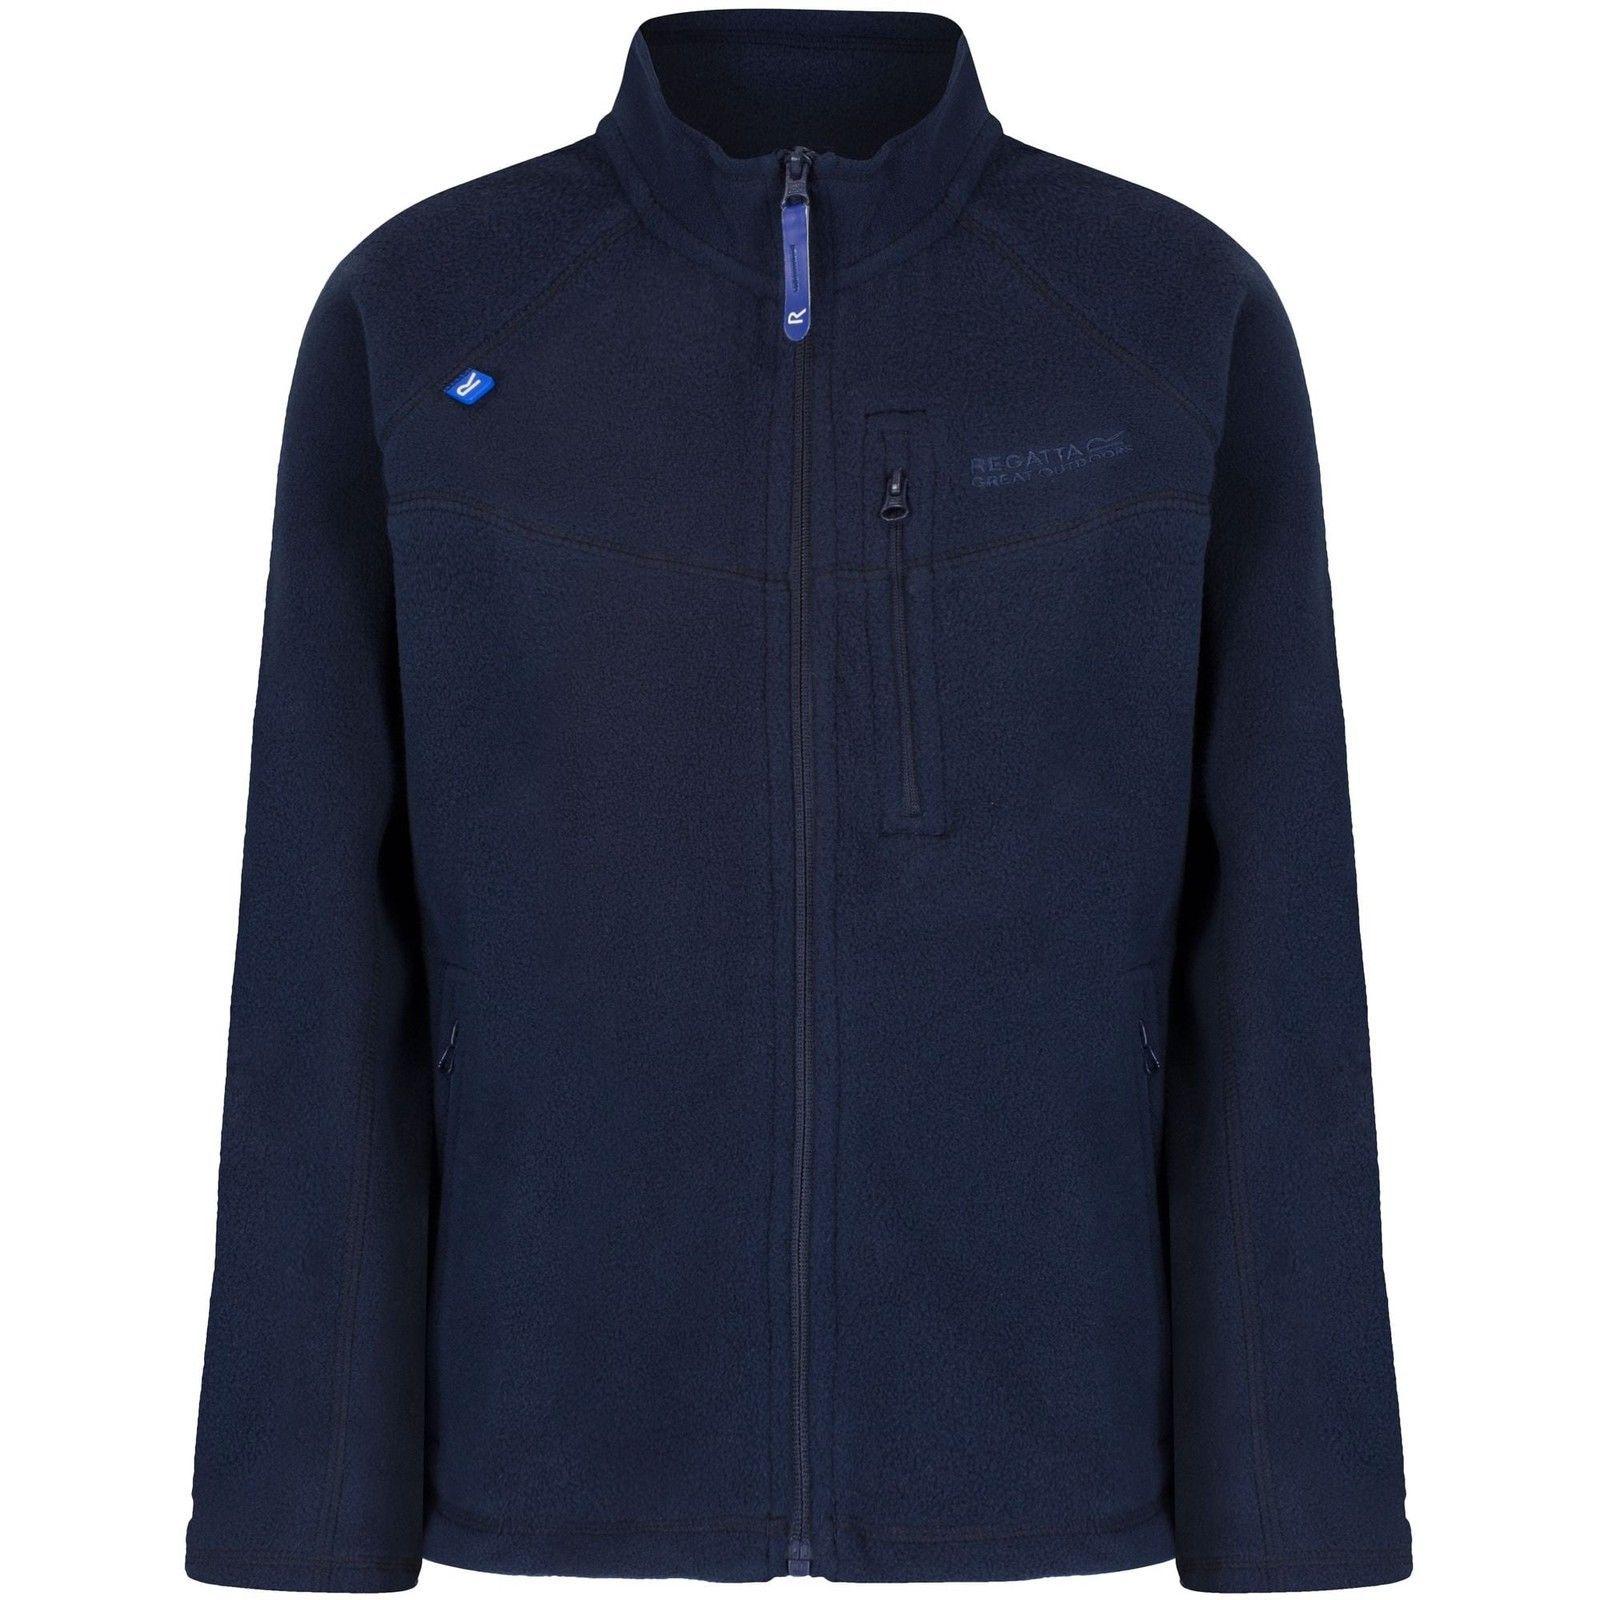 d187a3f11604 Craghoppers Bear Grylls Childrens/Kids Bear Core Fluffy Fleece Jacket |  Teen Girls' Coats | Jackets, Bear grylls, Motorcycle jacket